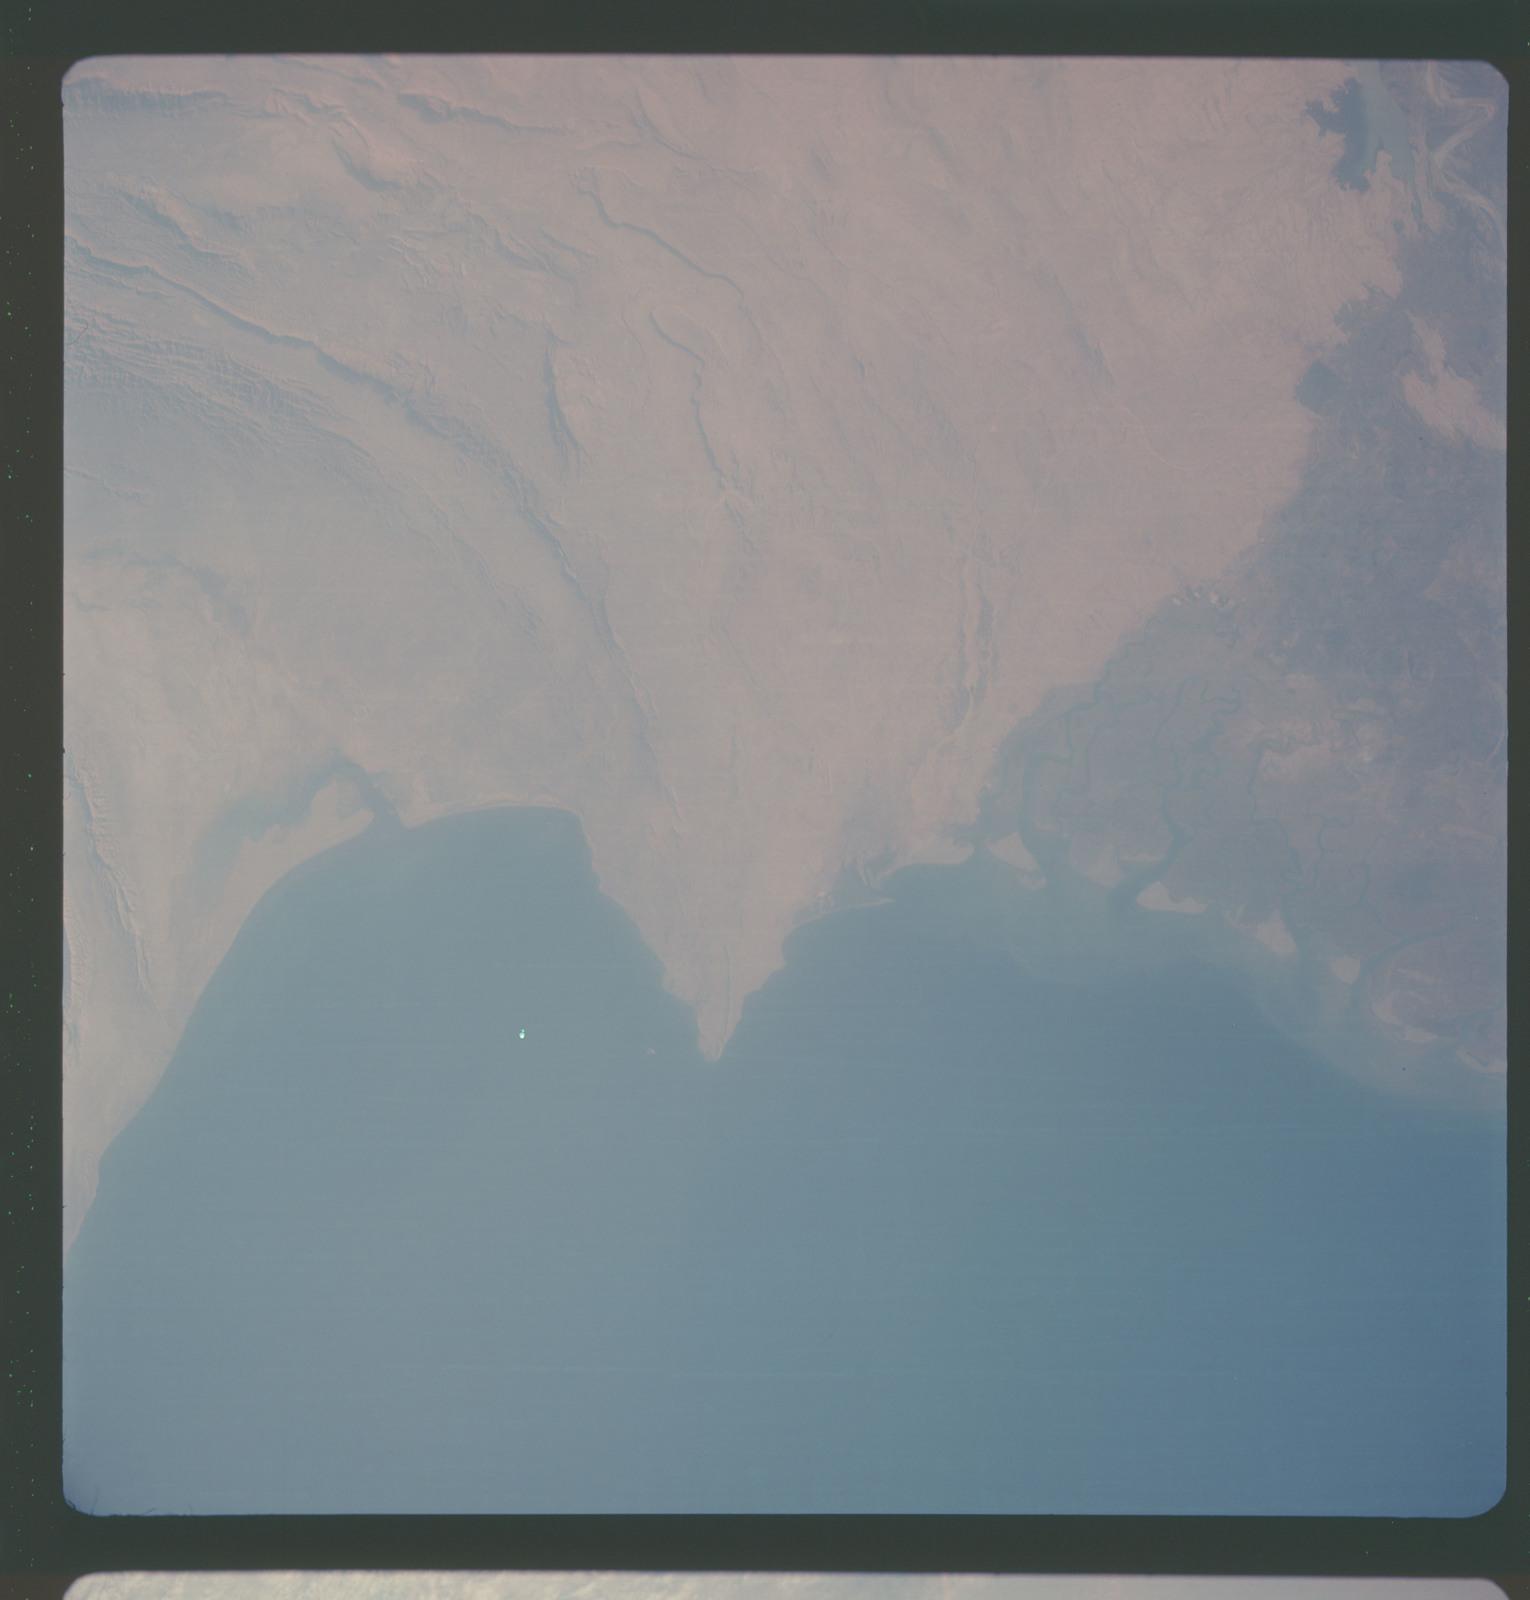 AS07-05-1661 - Apollo 7 - Apollo 7 Mission, Pakistan, Karachi and Indus River